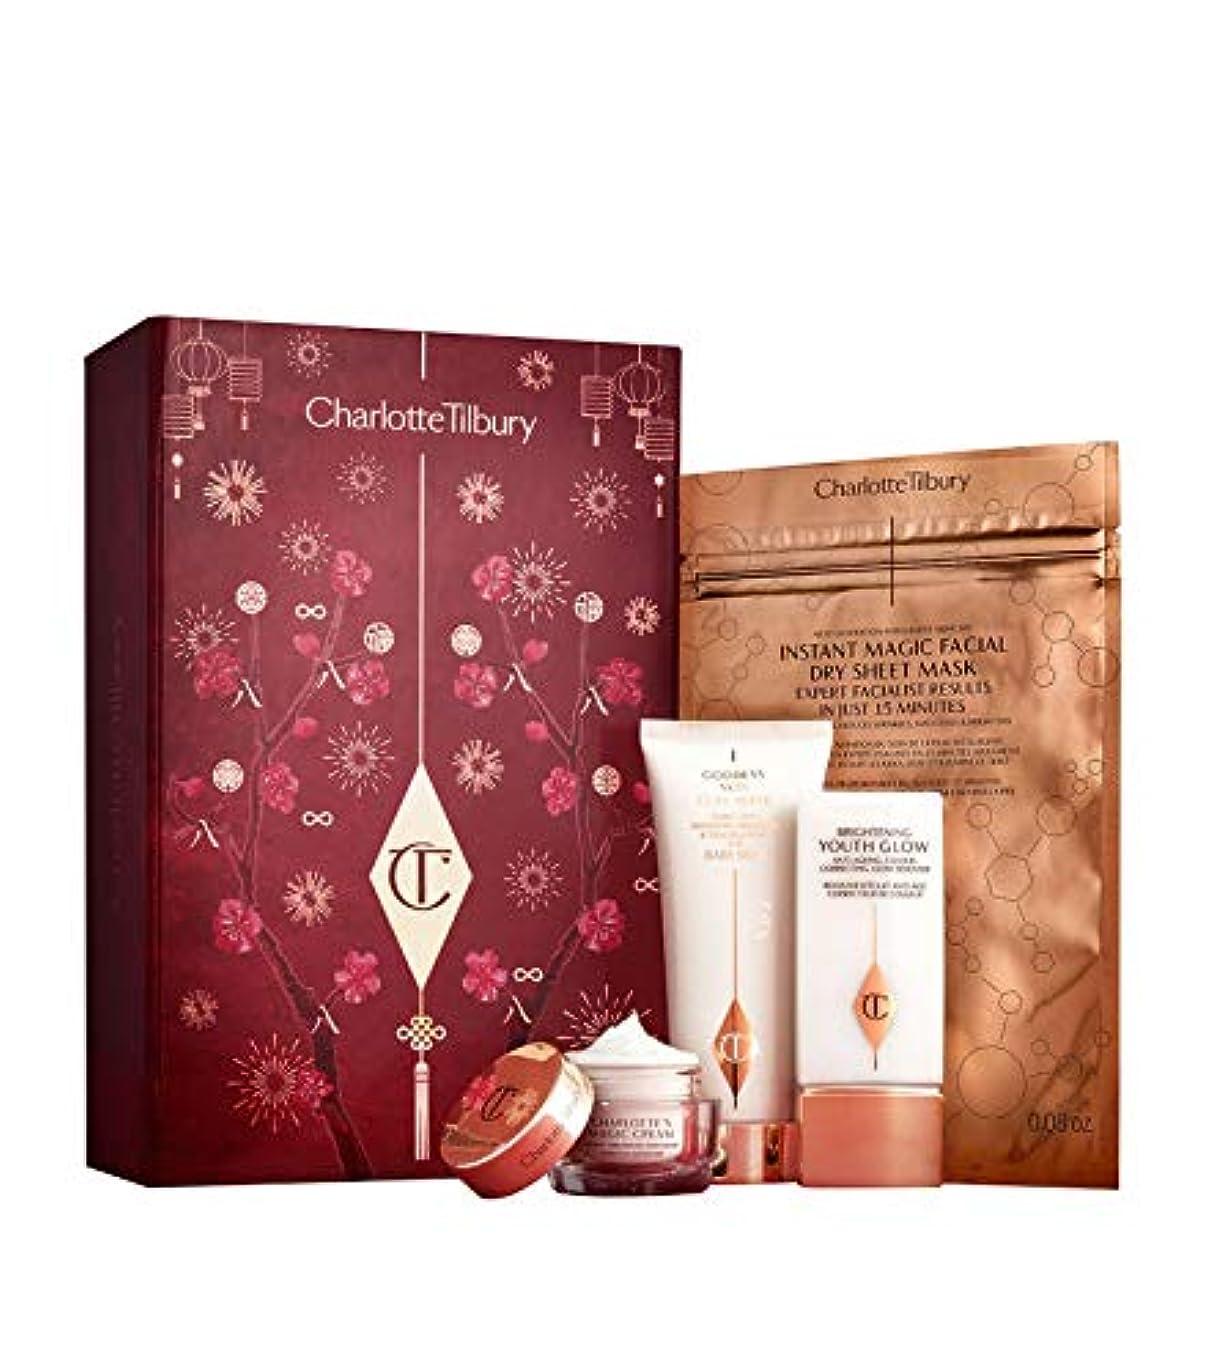 離れて学校植物学者CHARLOTTE TILBURY Limited Edition Gift Set